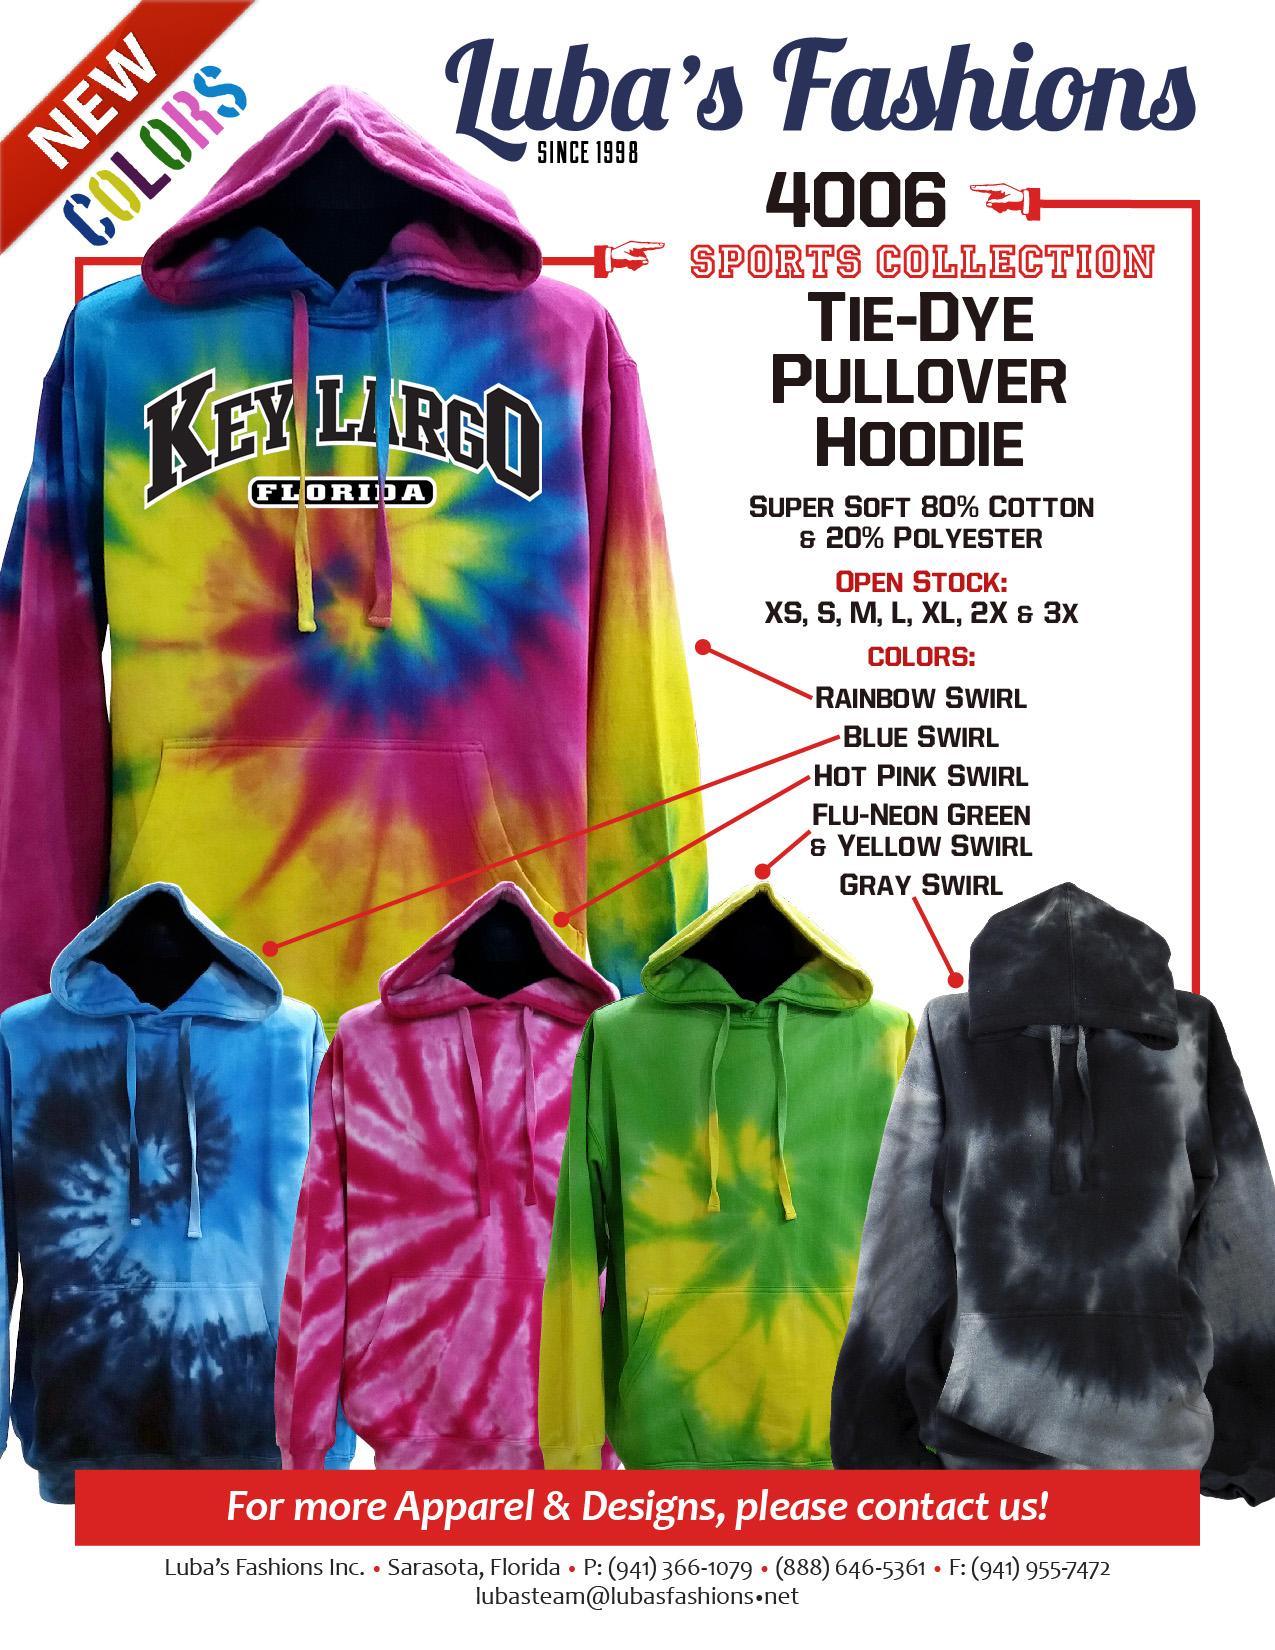 flyer_4006_Tie-Dye